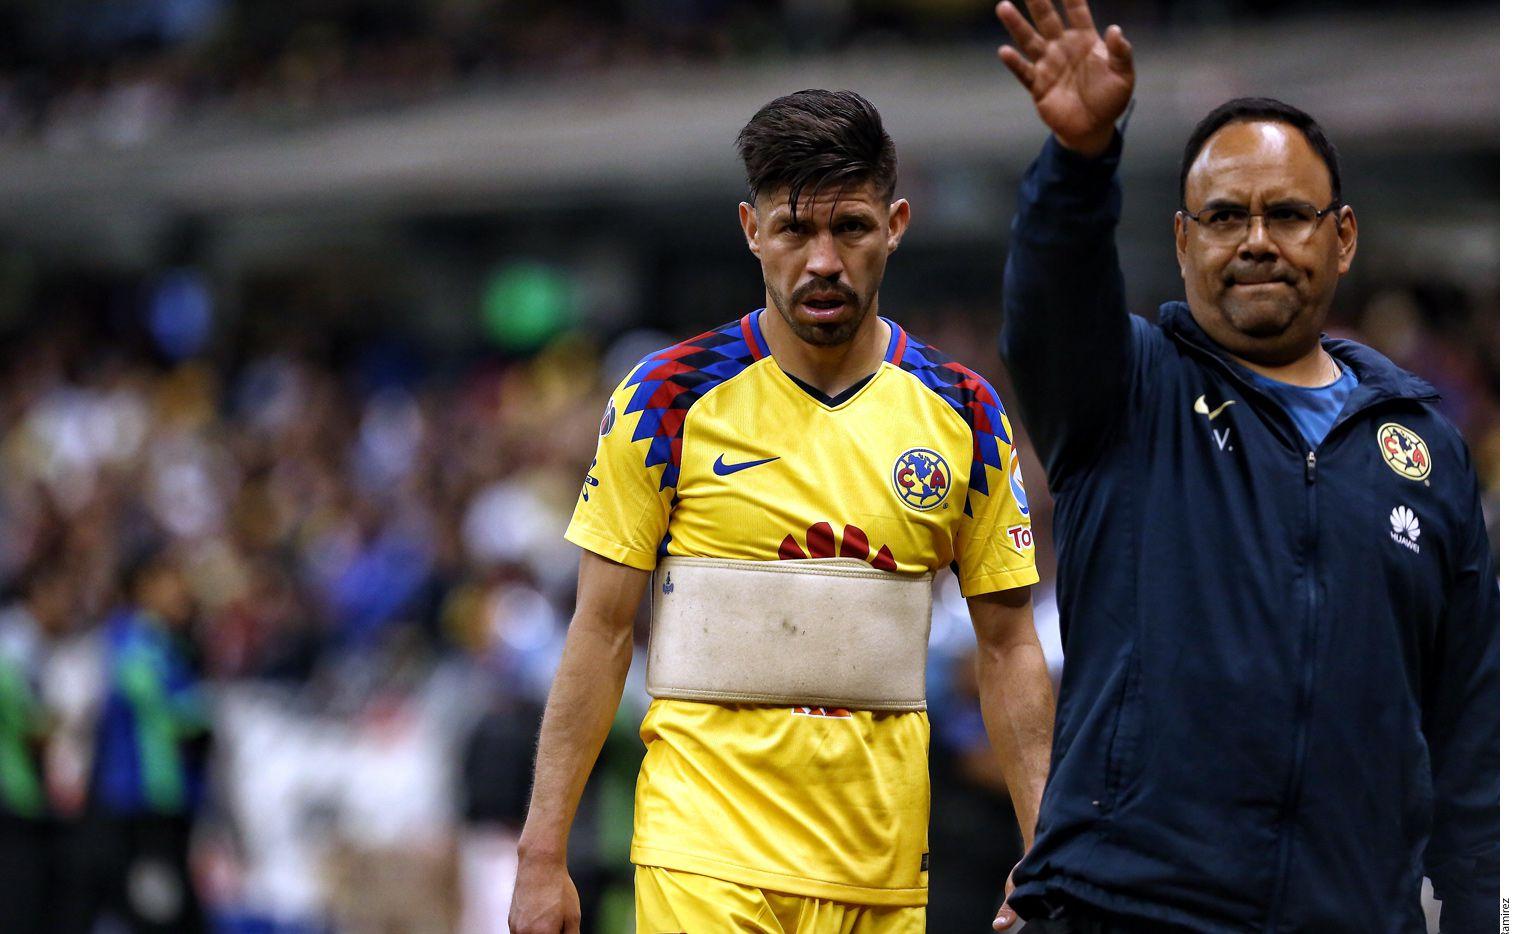 """El DT del América, Miguel """"Piojo"""" Herrera, comentó que su jugador, Oribe Peralta (centro), debe de ir al Mundial pese a que sólo lleva tres goles en la Liga. AGENCIA REFORMA"""